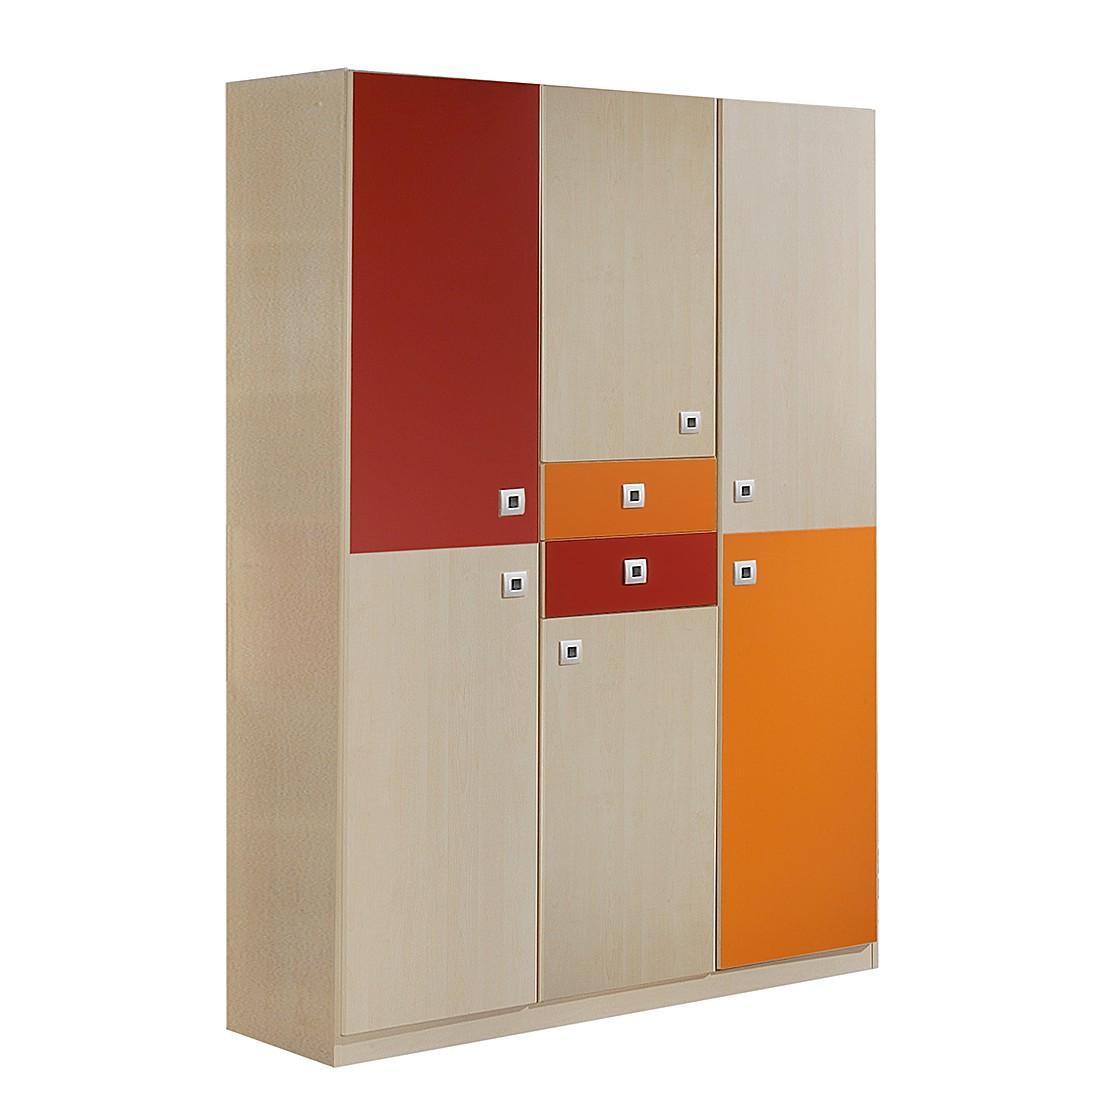 Kleiderschrank Sunny II – Ahorn/Orange-Rot, Wimex online kaufen